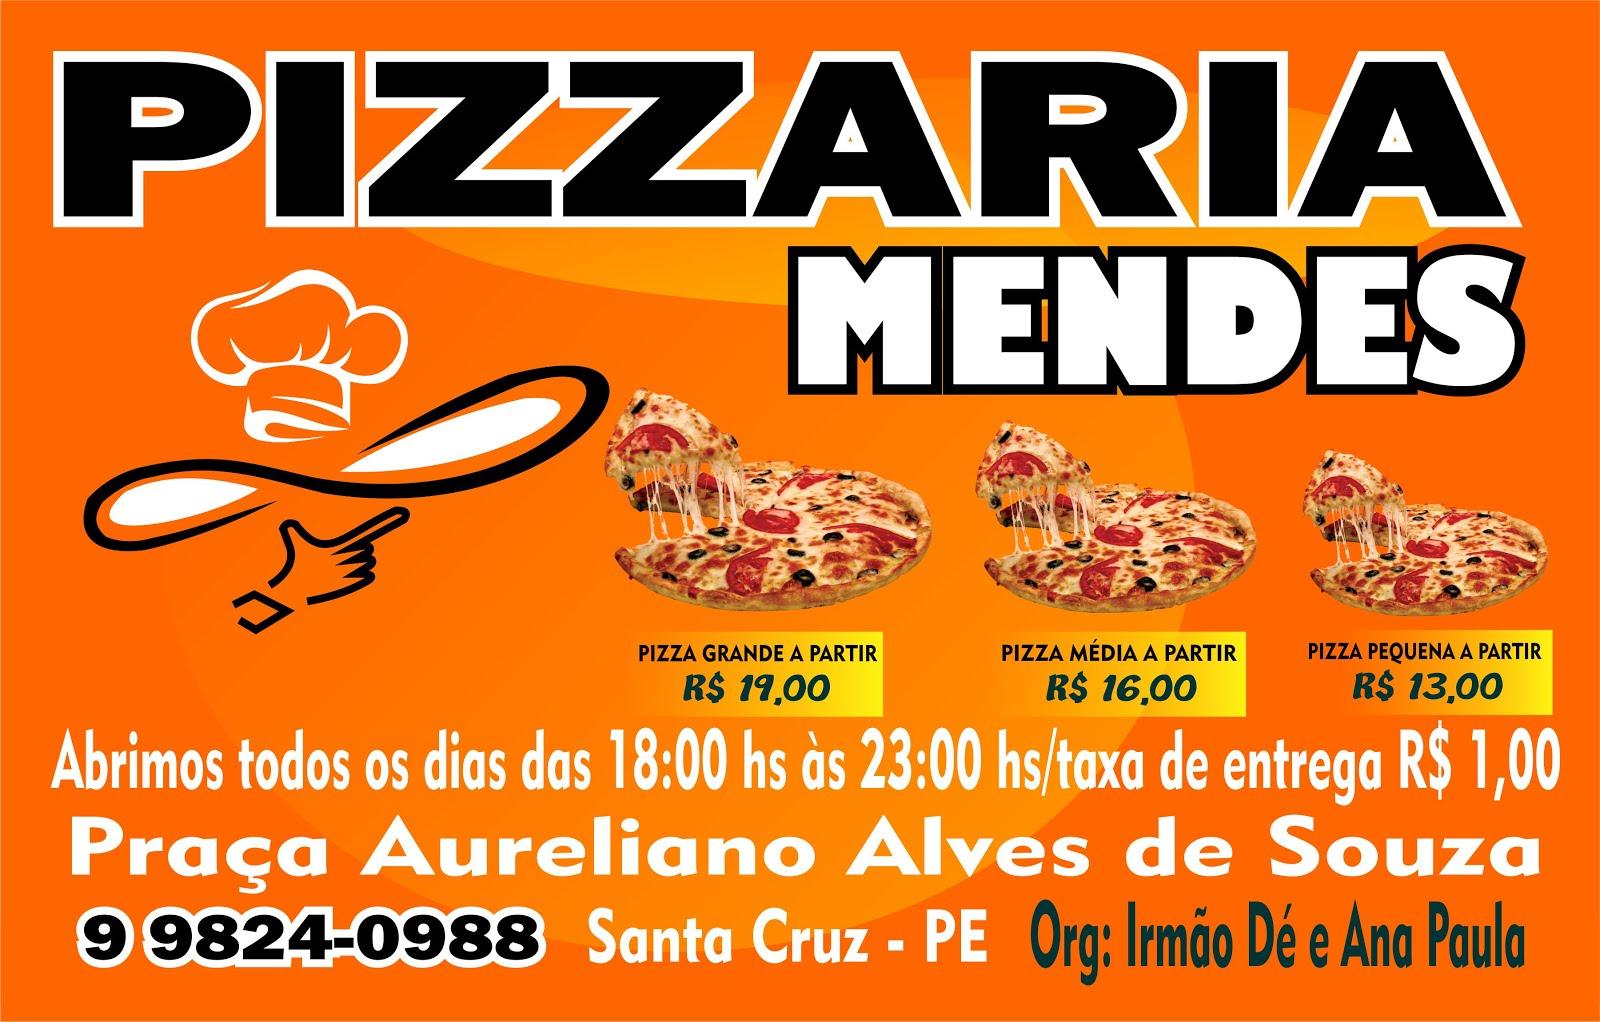 PIZZARIA MENDES